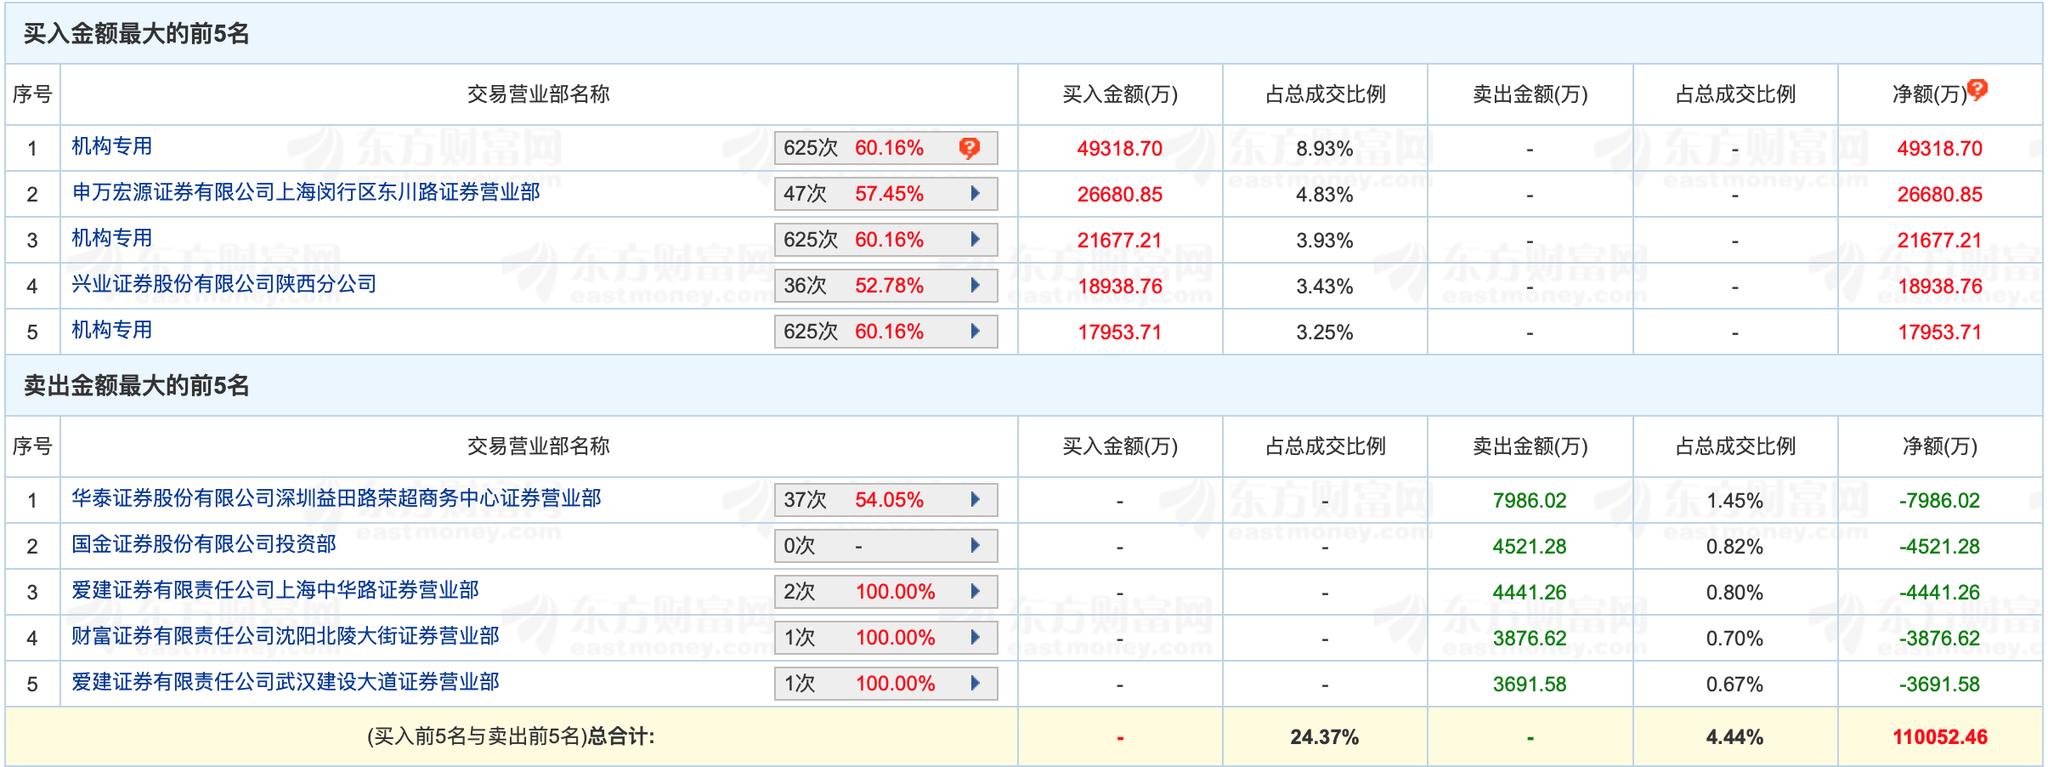 公牛集团8连板:股价涨超180% 阮